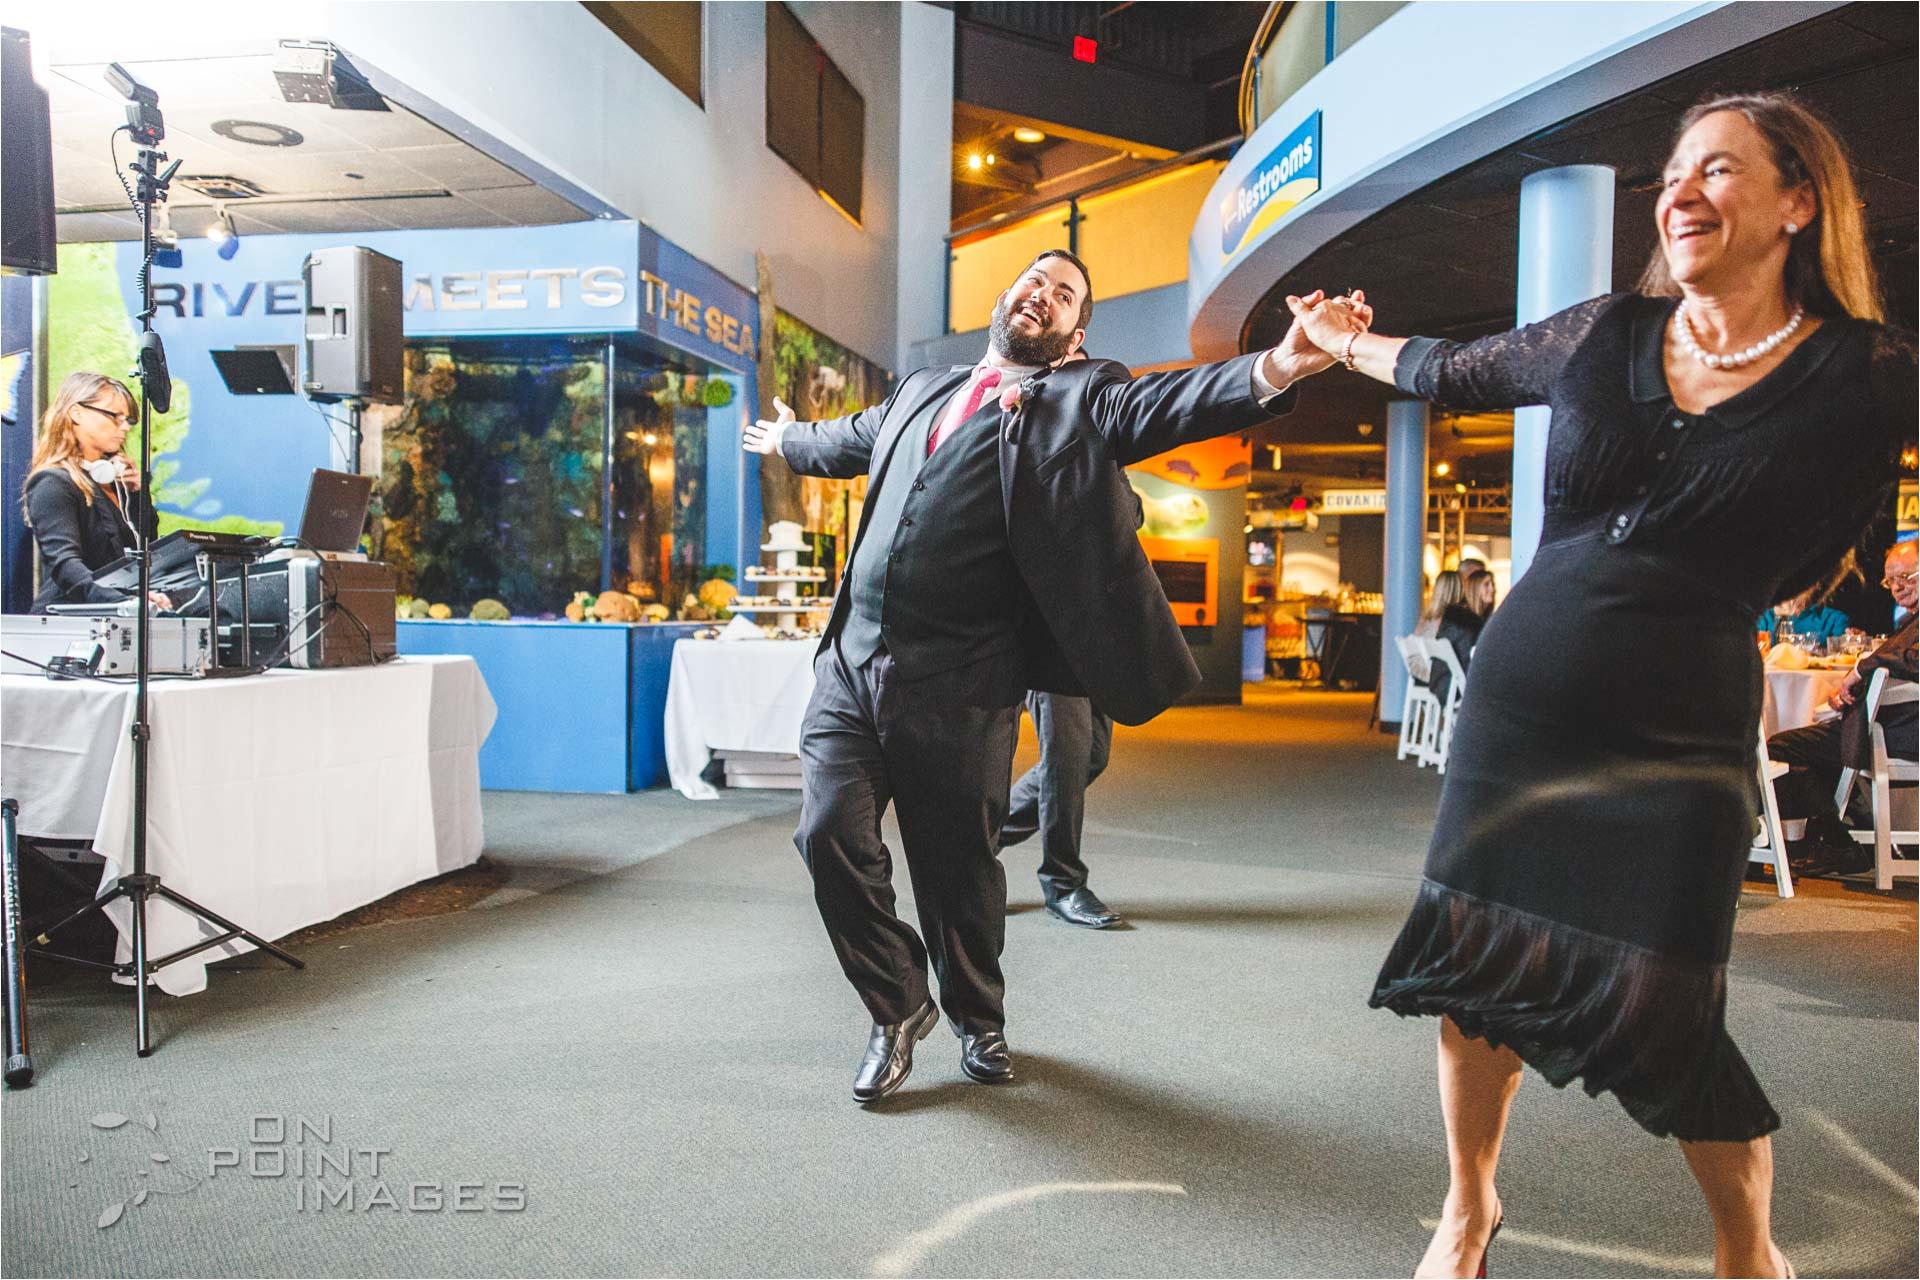 mystic-aquarium-wedding-photographs-37.jpg